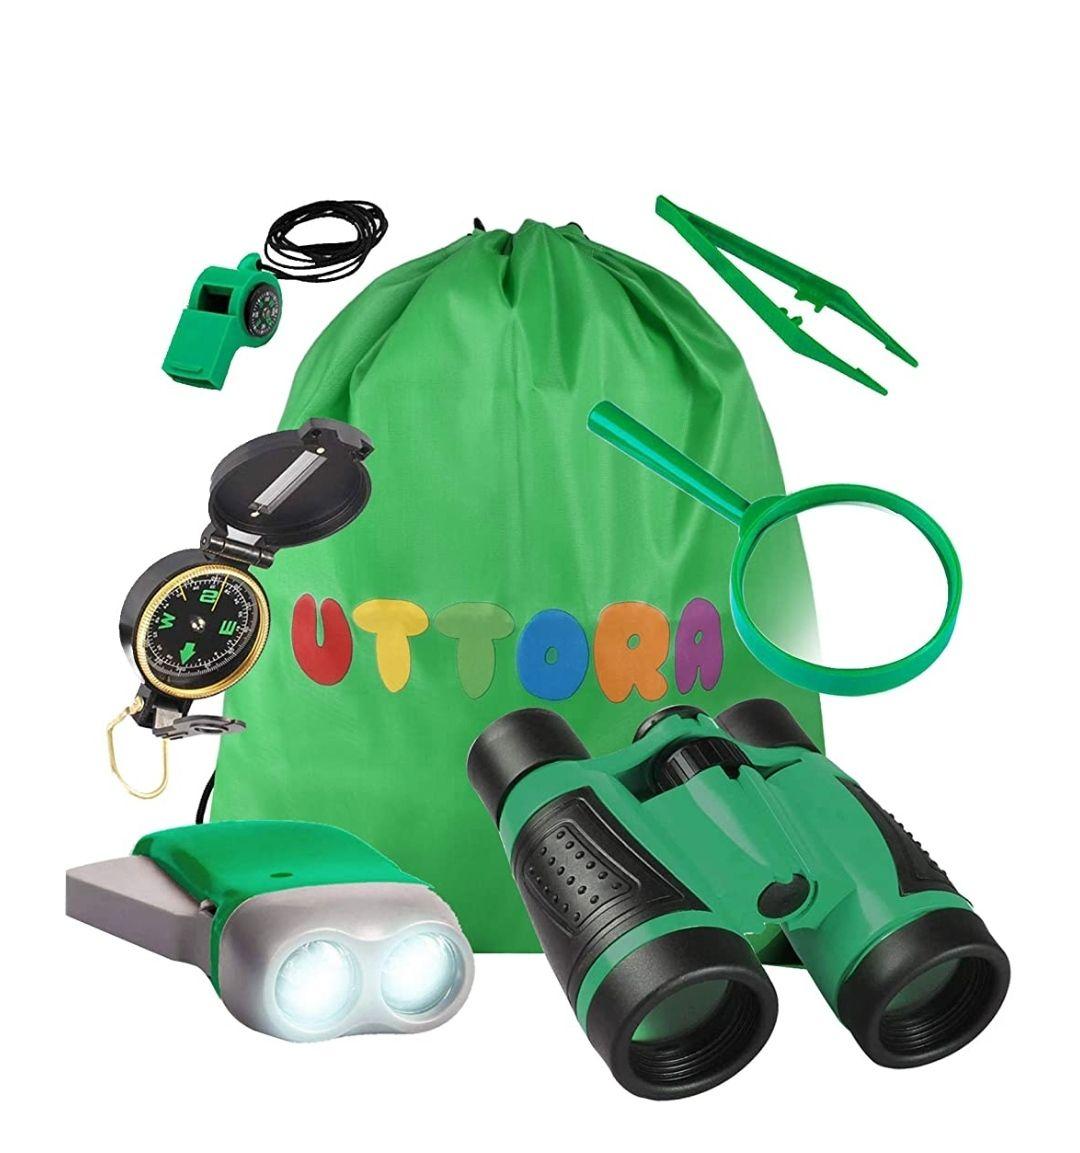 Kit de Binoculares para Niños, Kit de Exploración para Niños 7 en 1, Prismáticos, Linterna LED de Mano, Brújula, Lupa, Silbato, Mochilla